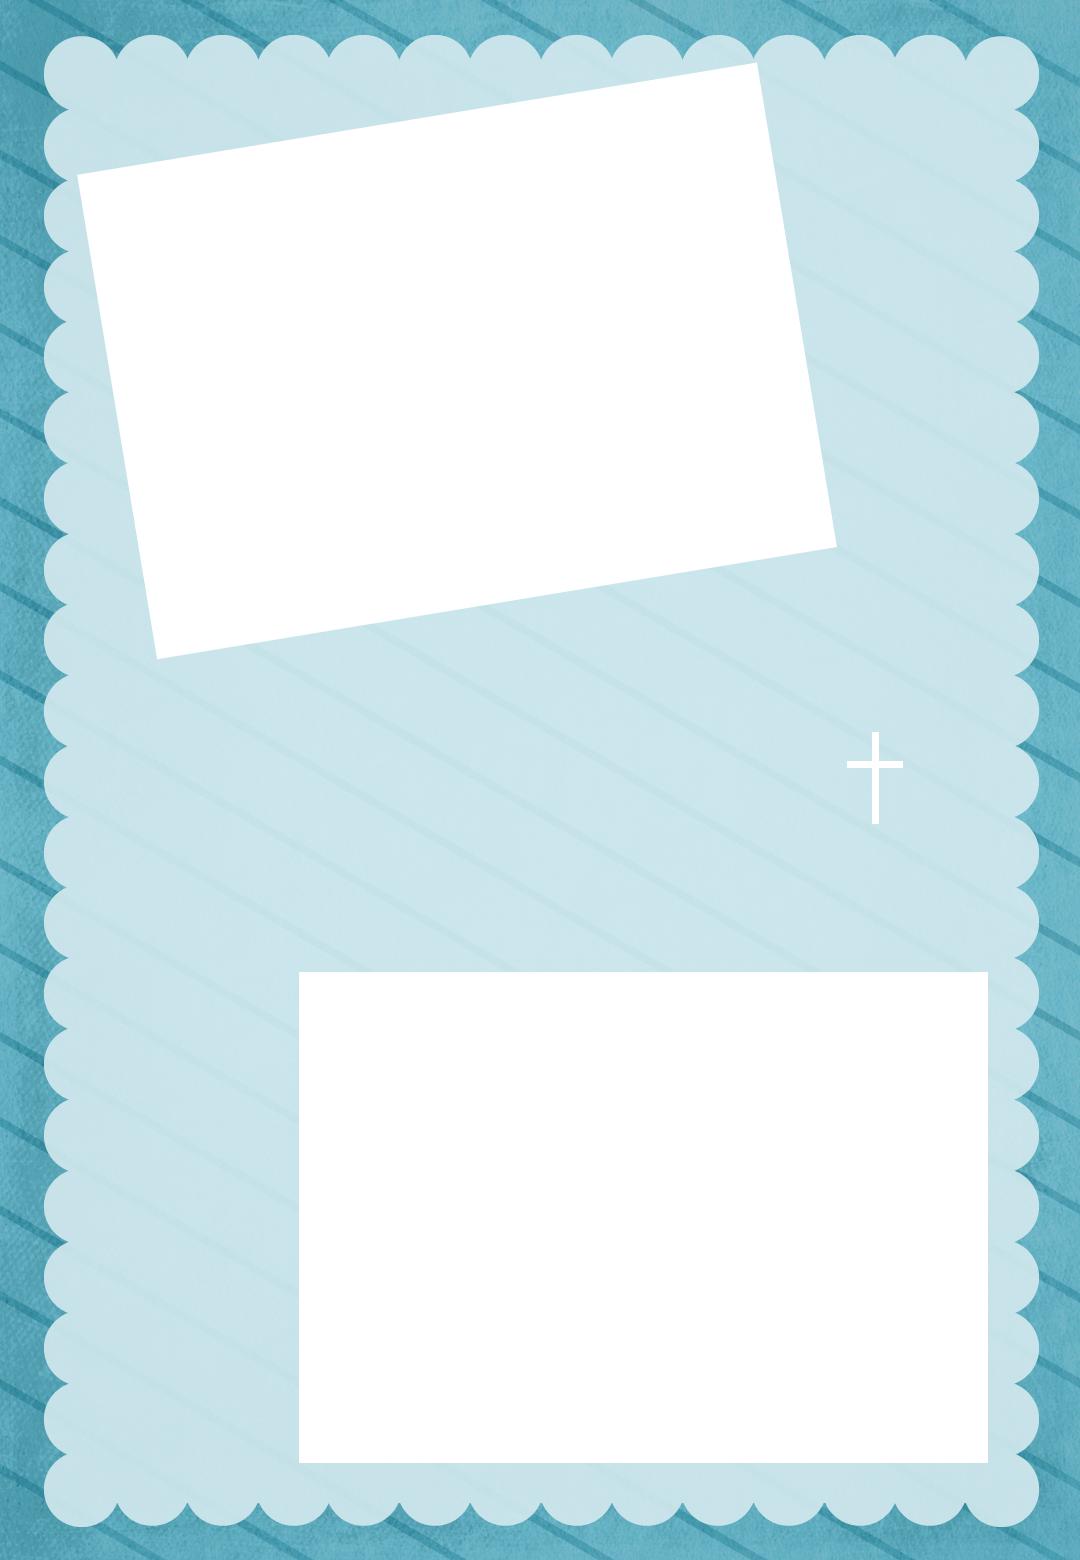 Free Printable Baptism & Christening Invitation - Stamped Frame Blue ...